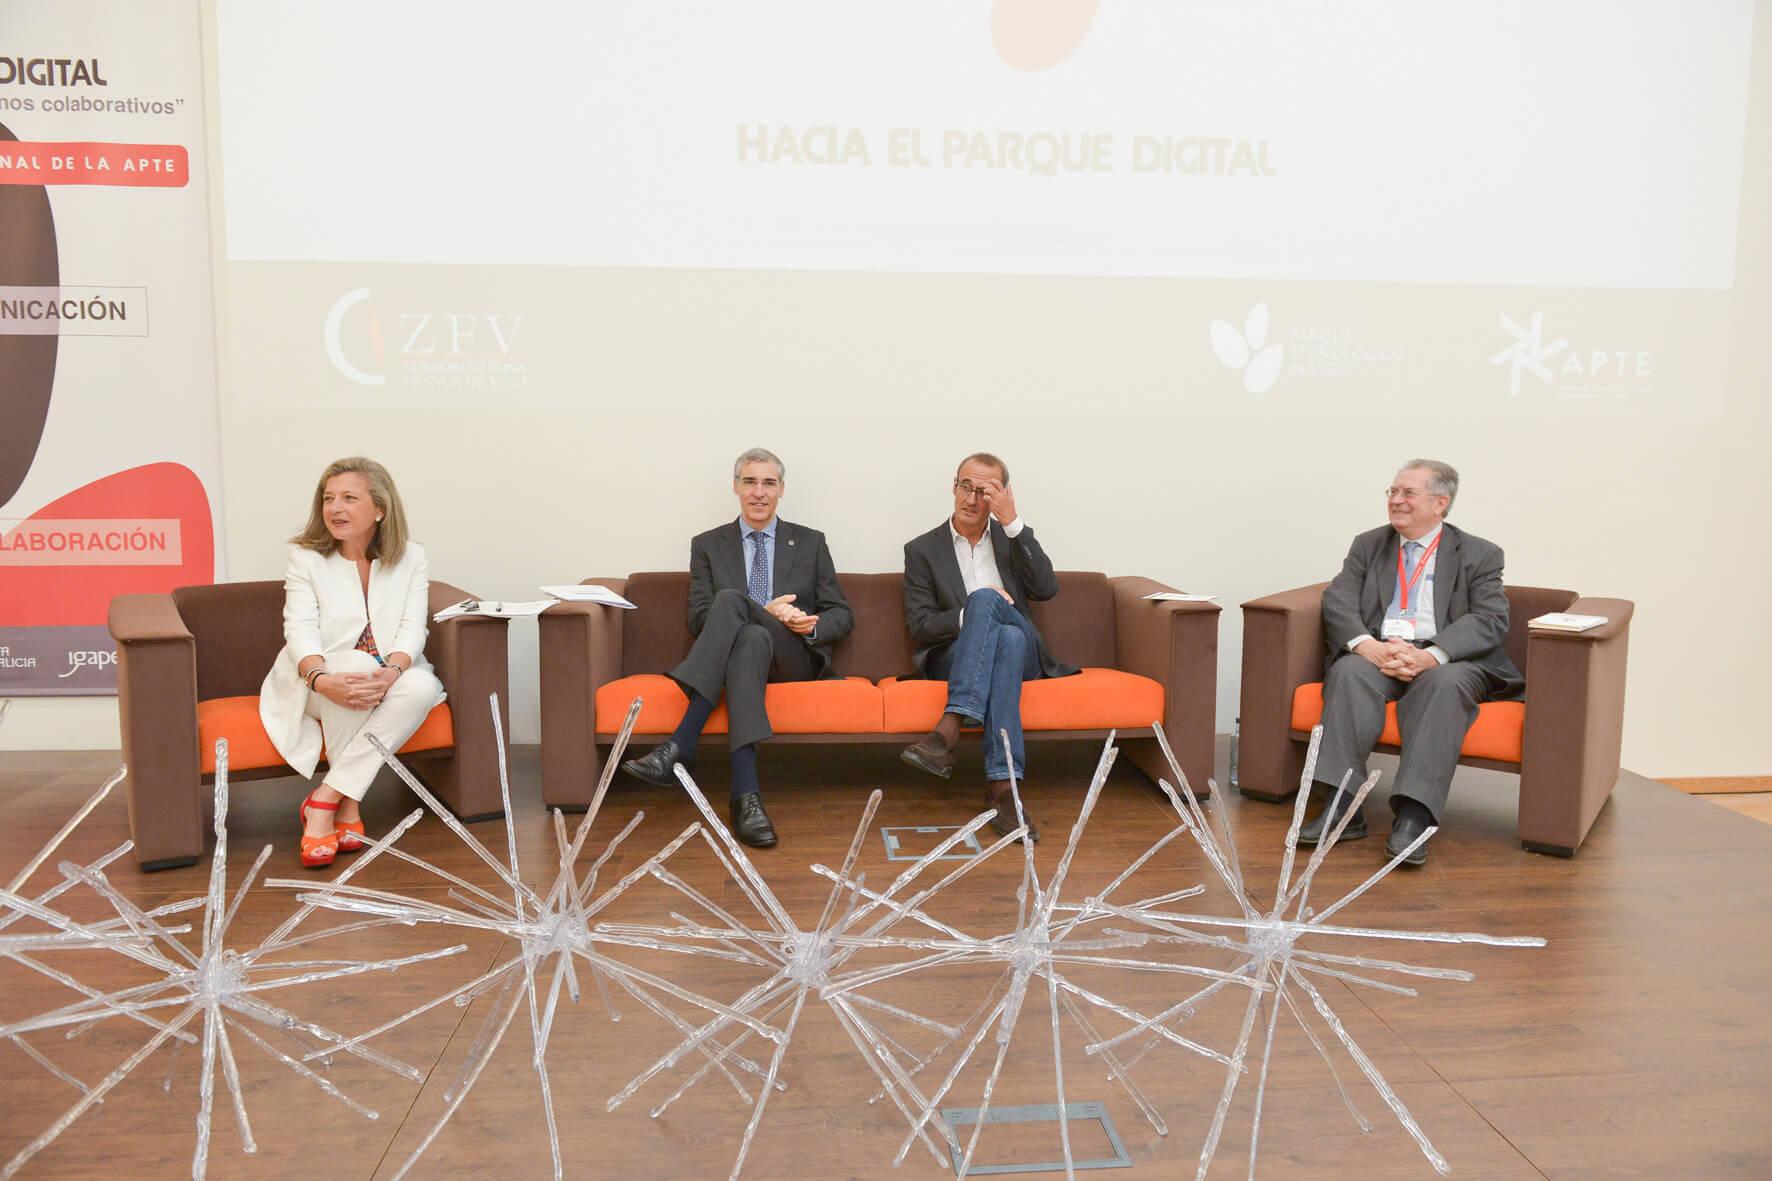 Transformaciones que lideran: Conferencia Internacional APTE